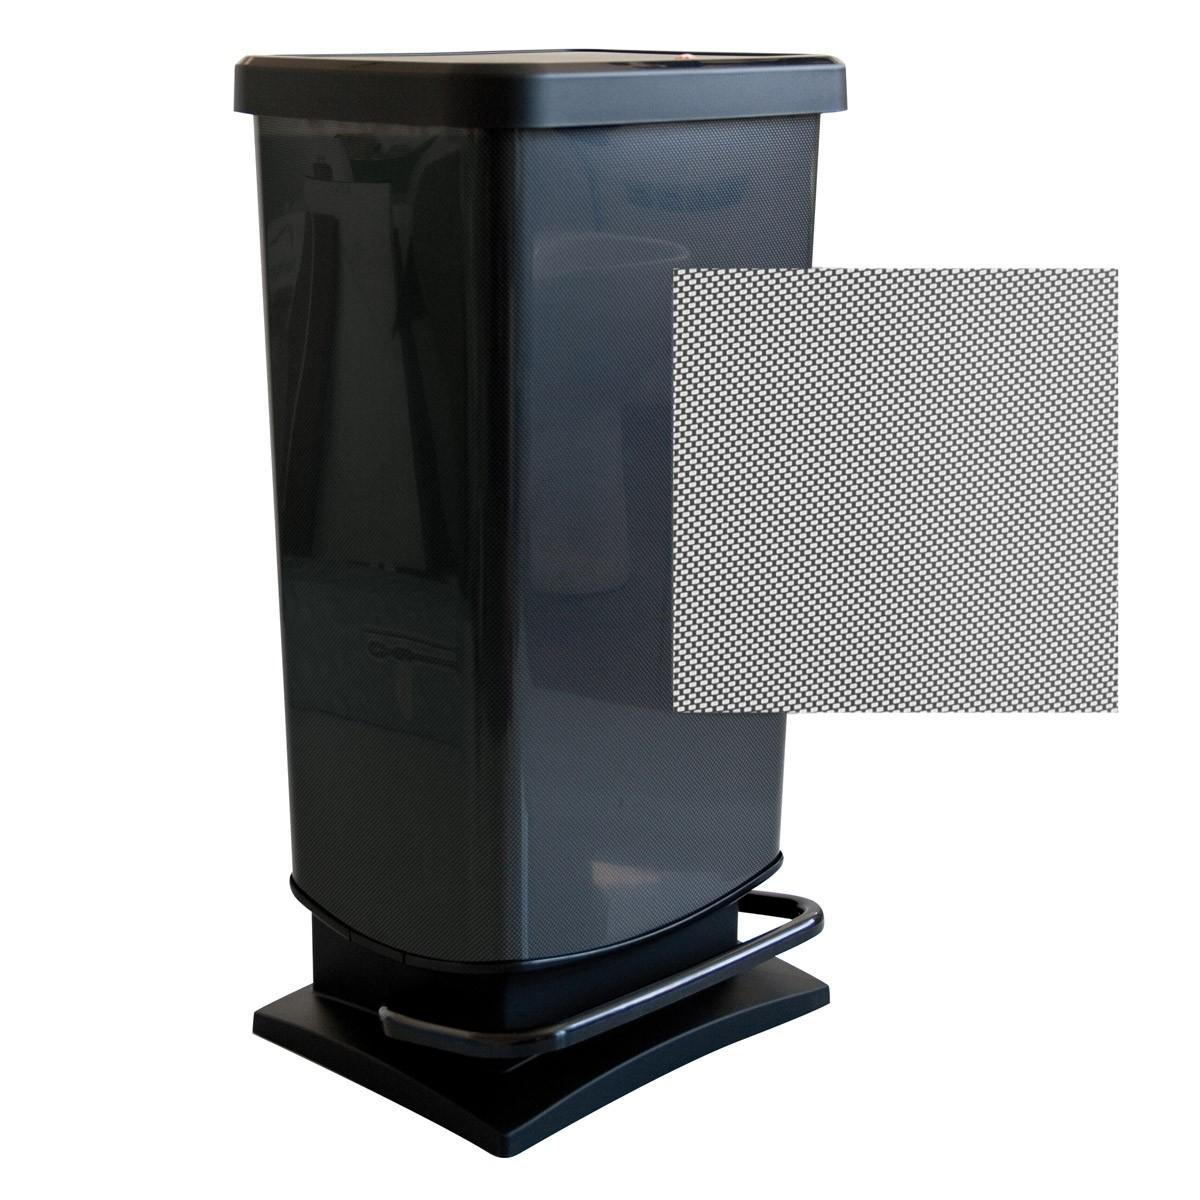 Κάδος Απορριμάτων Rotho 40Lit Paso 06904 Μαύρο